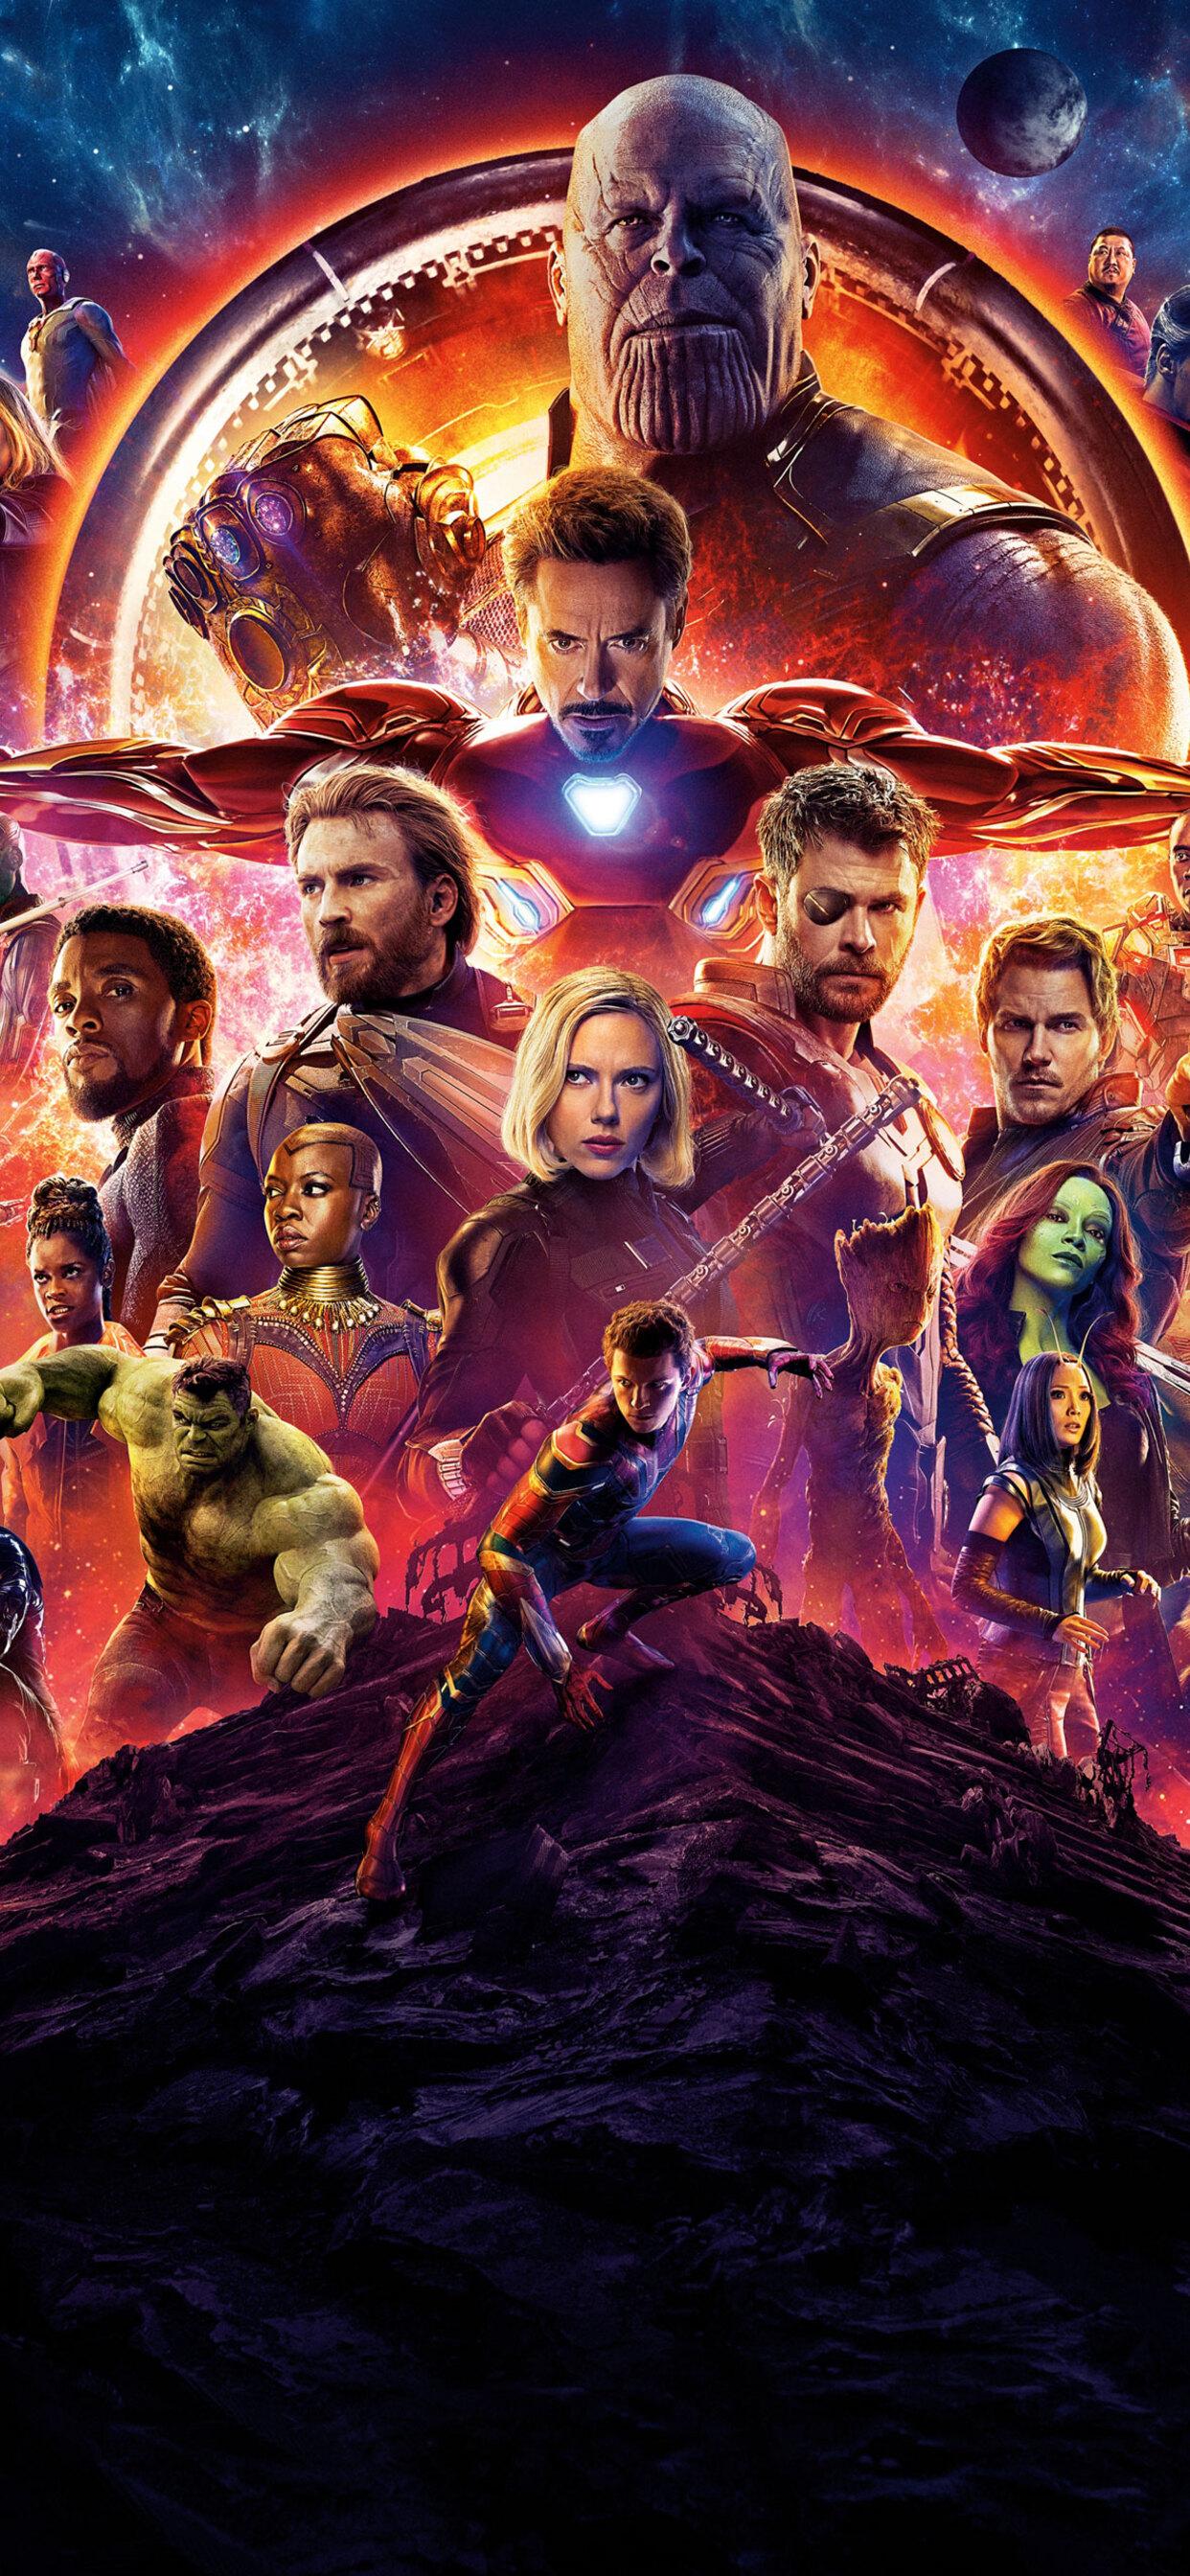 avengers-infinity-war-2018-10k-poster-yp.jpg